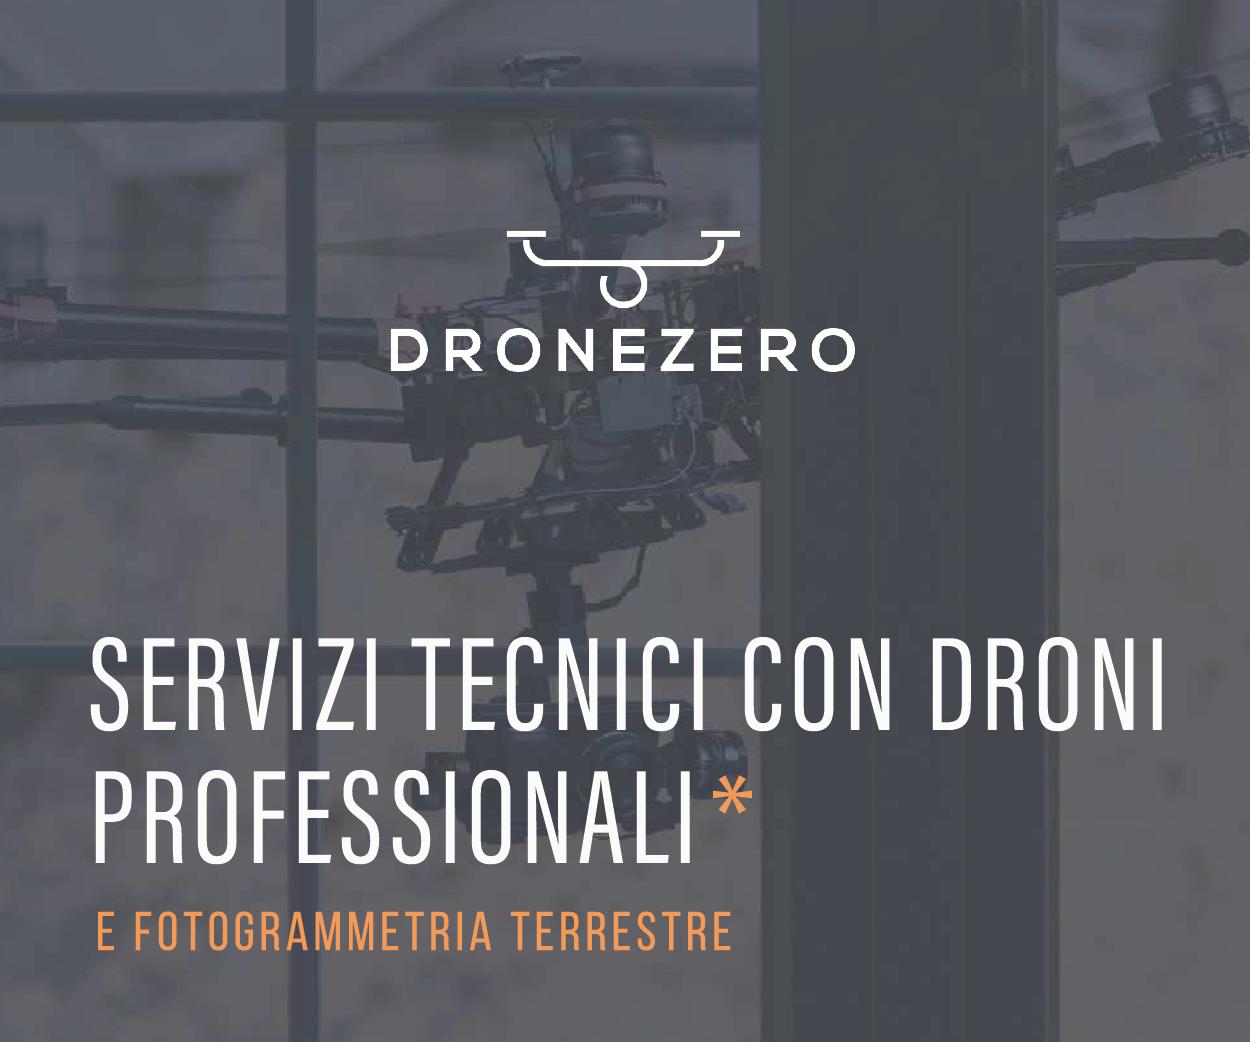 Dronezero